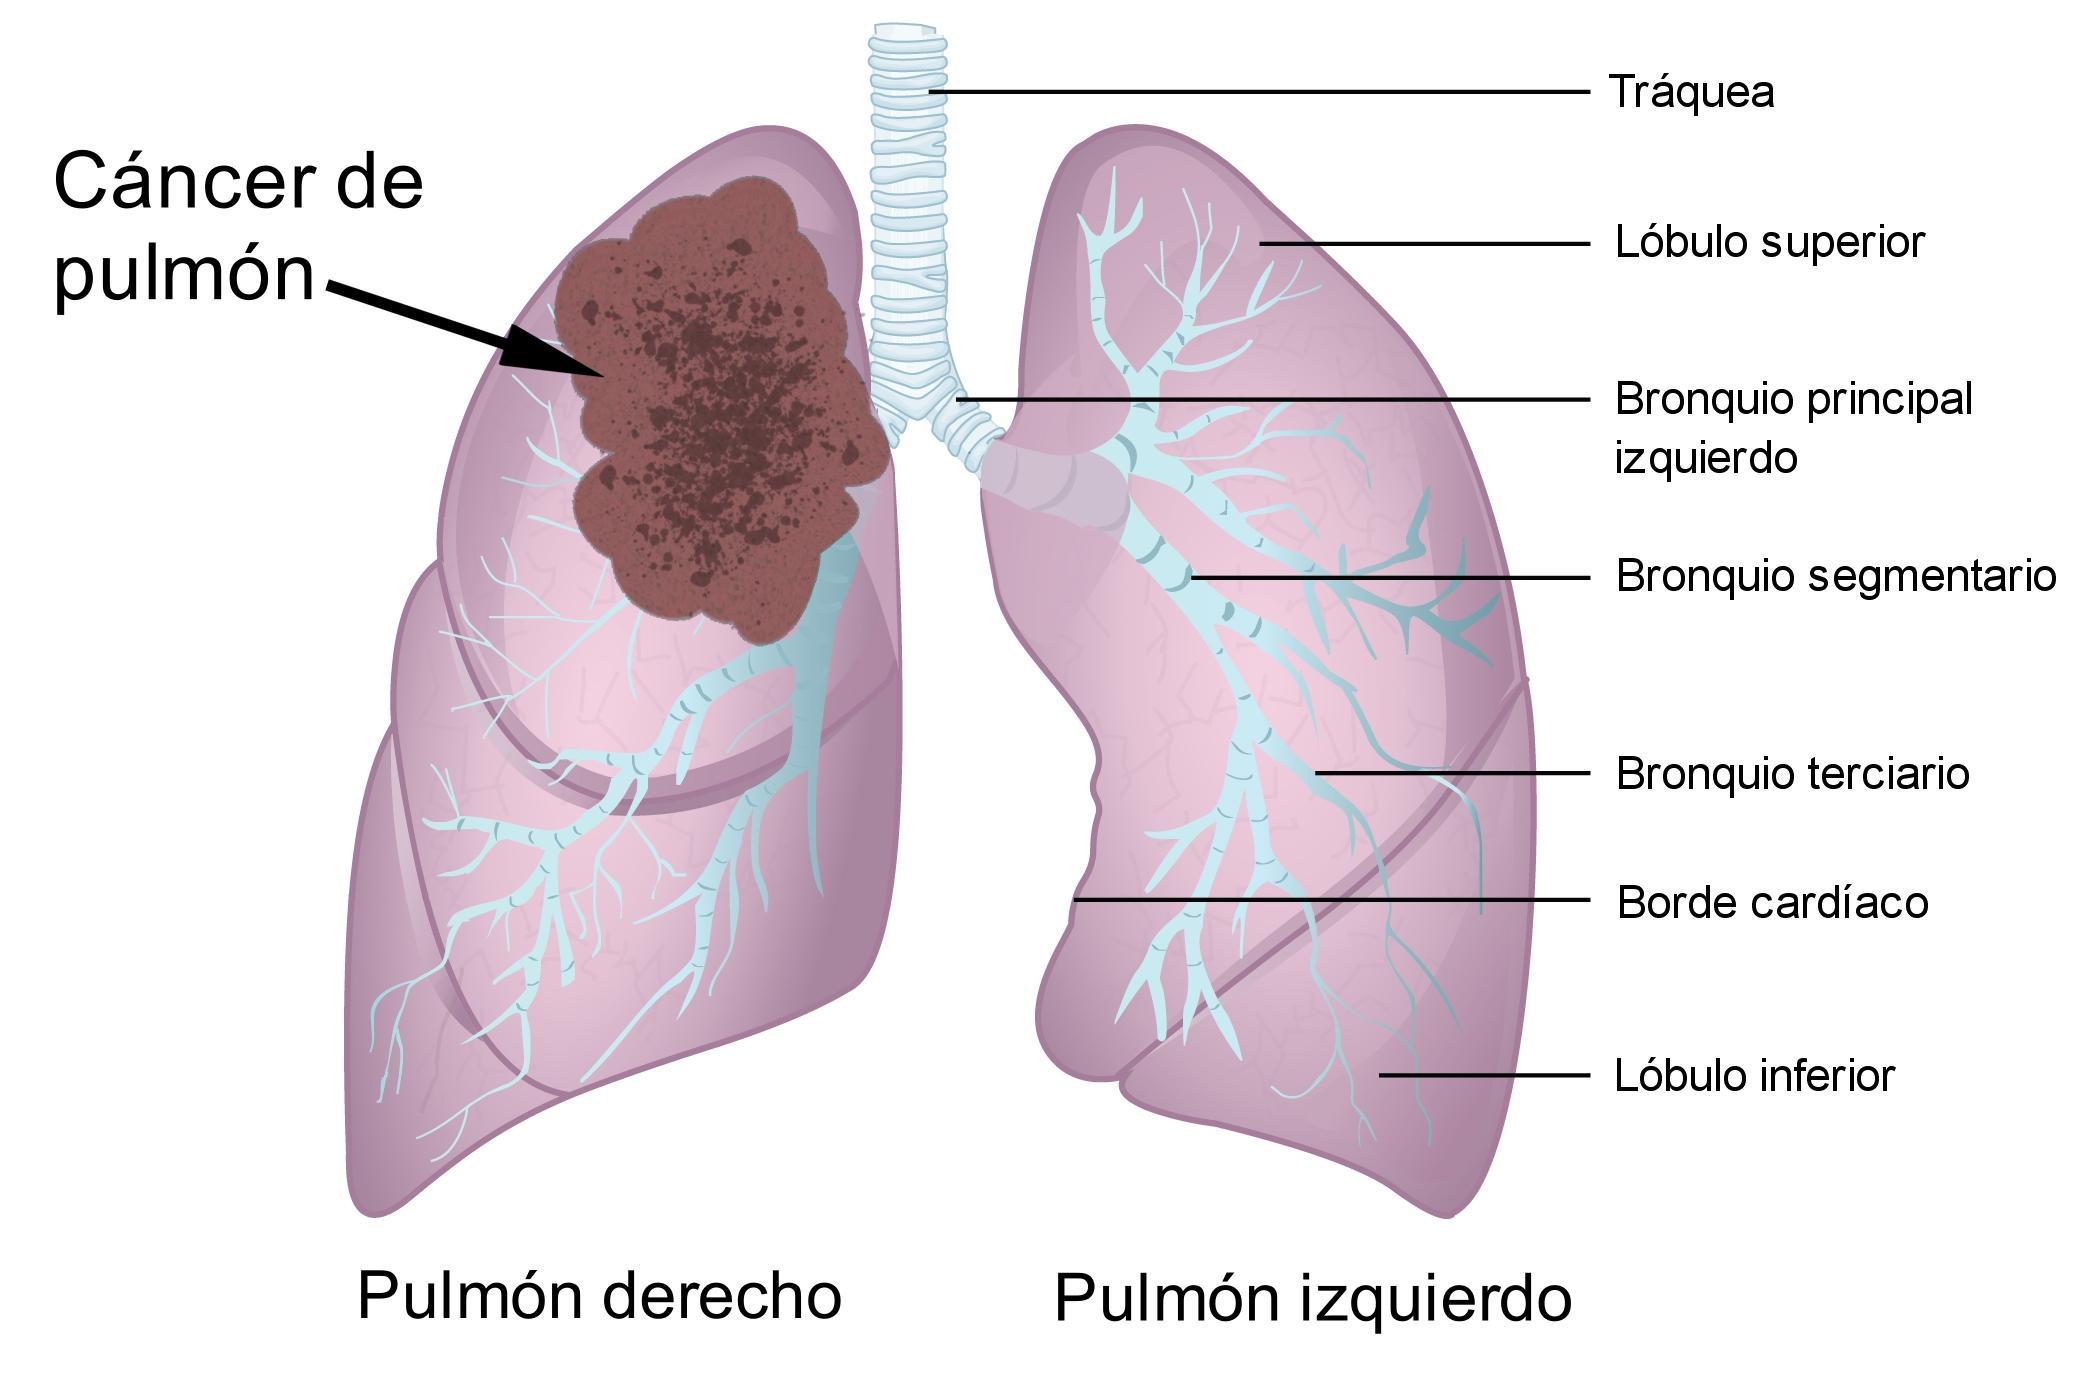 enfermedades cardiovasculares - Traducción al rumano – Linguee